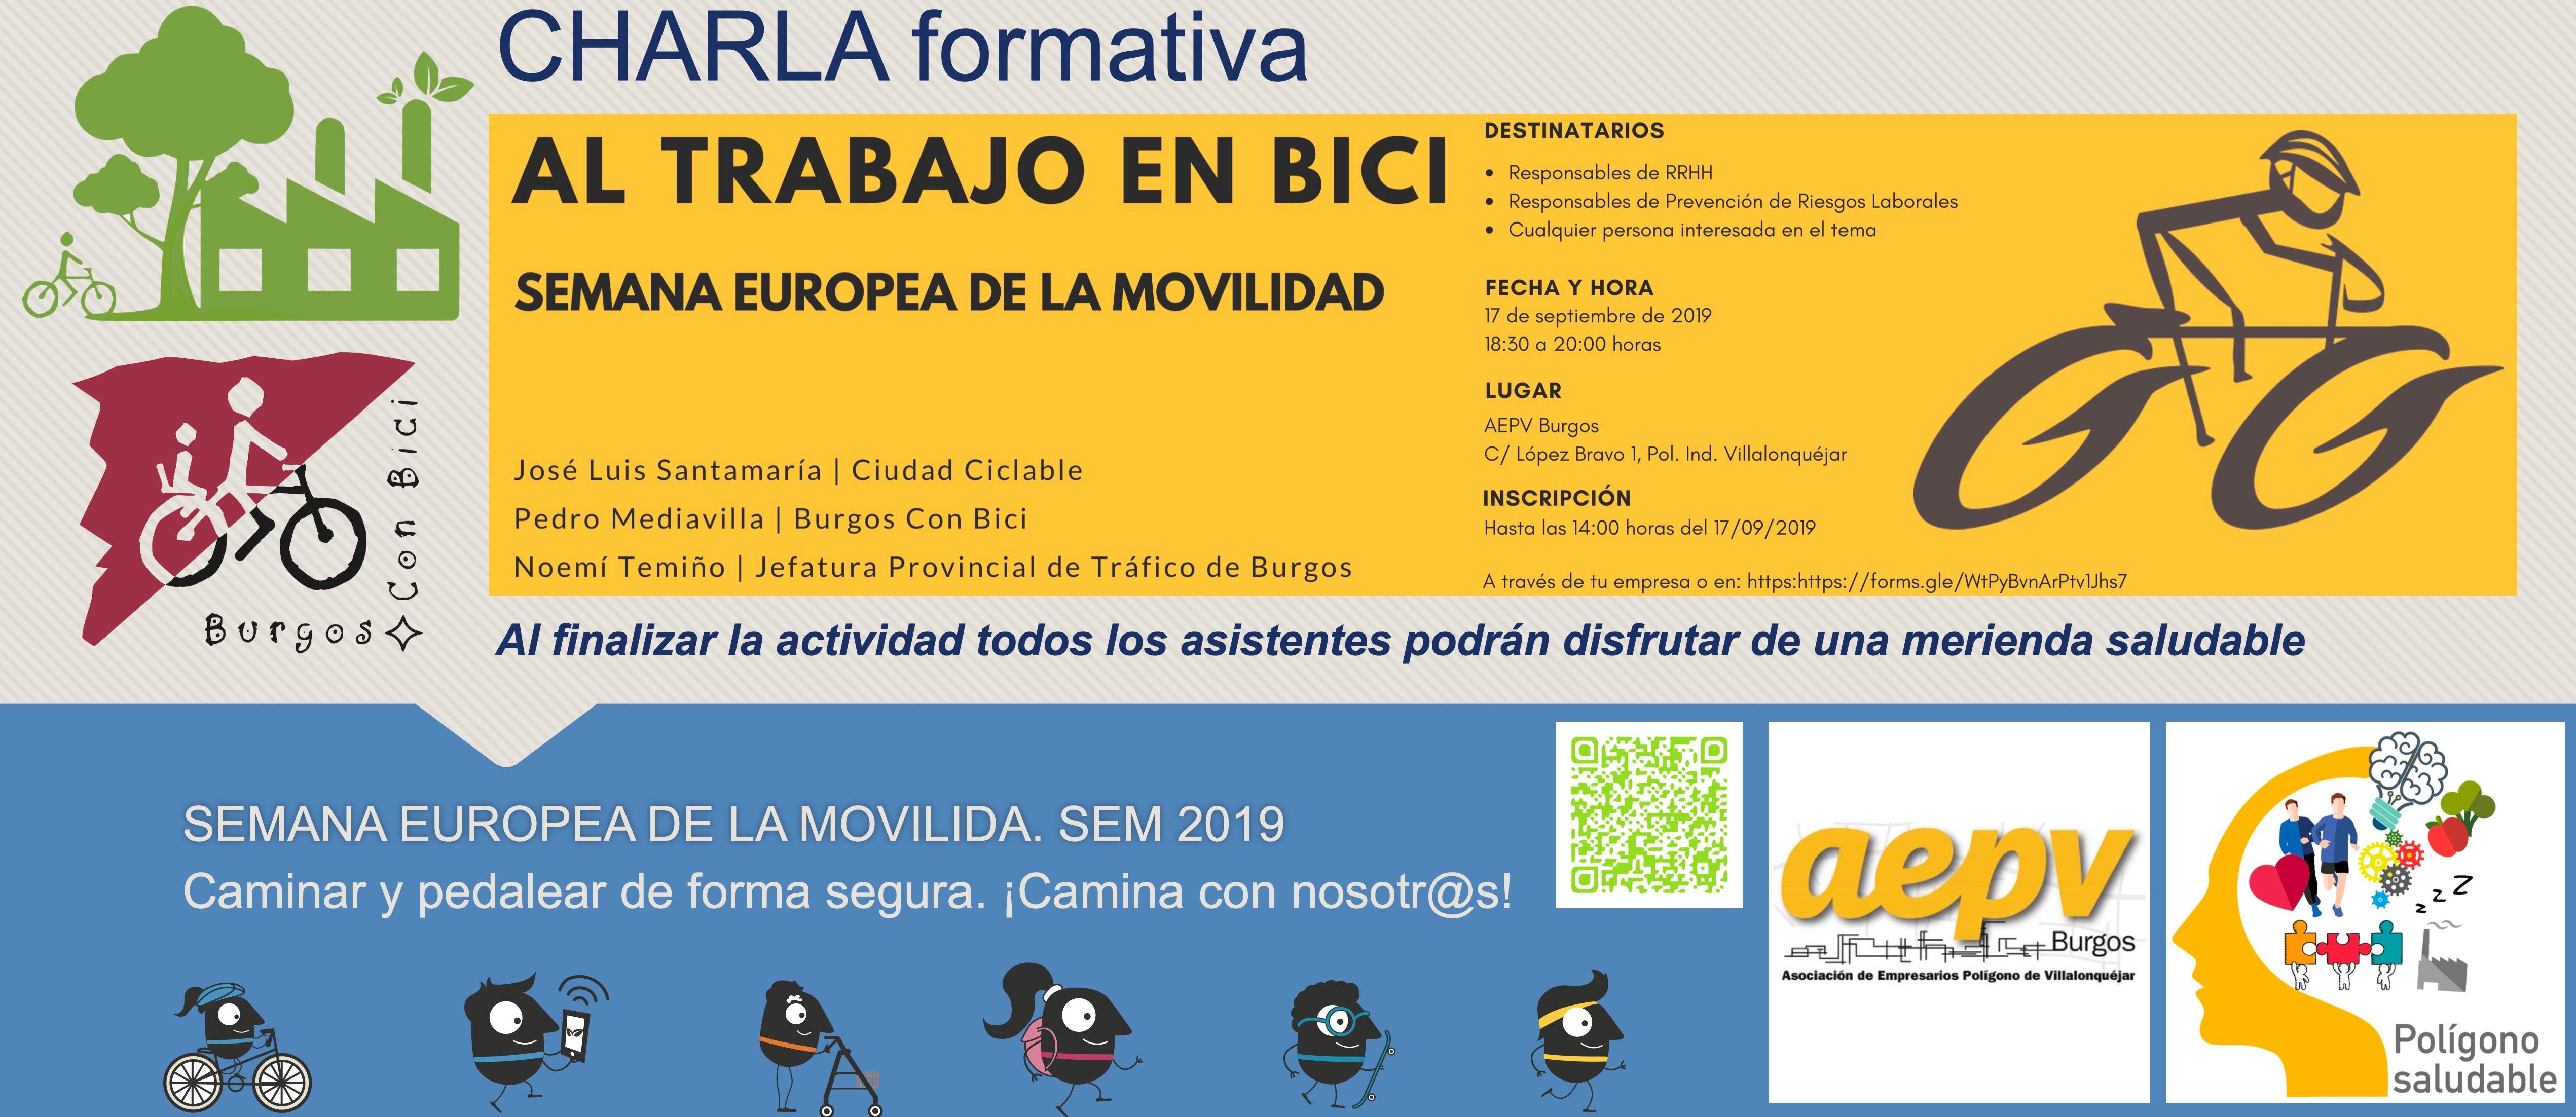 17 de septiembre de 2019, a las 18:30 en la sede de la asociación de empresarios del polígono de Villalonquéjar